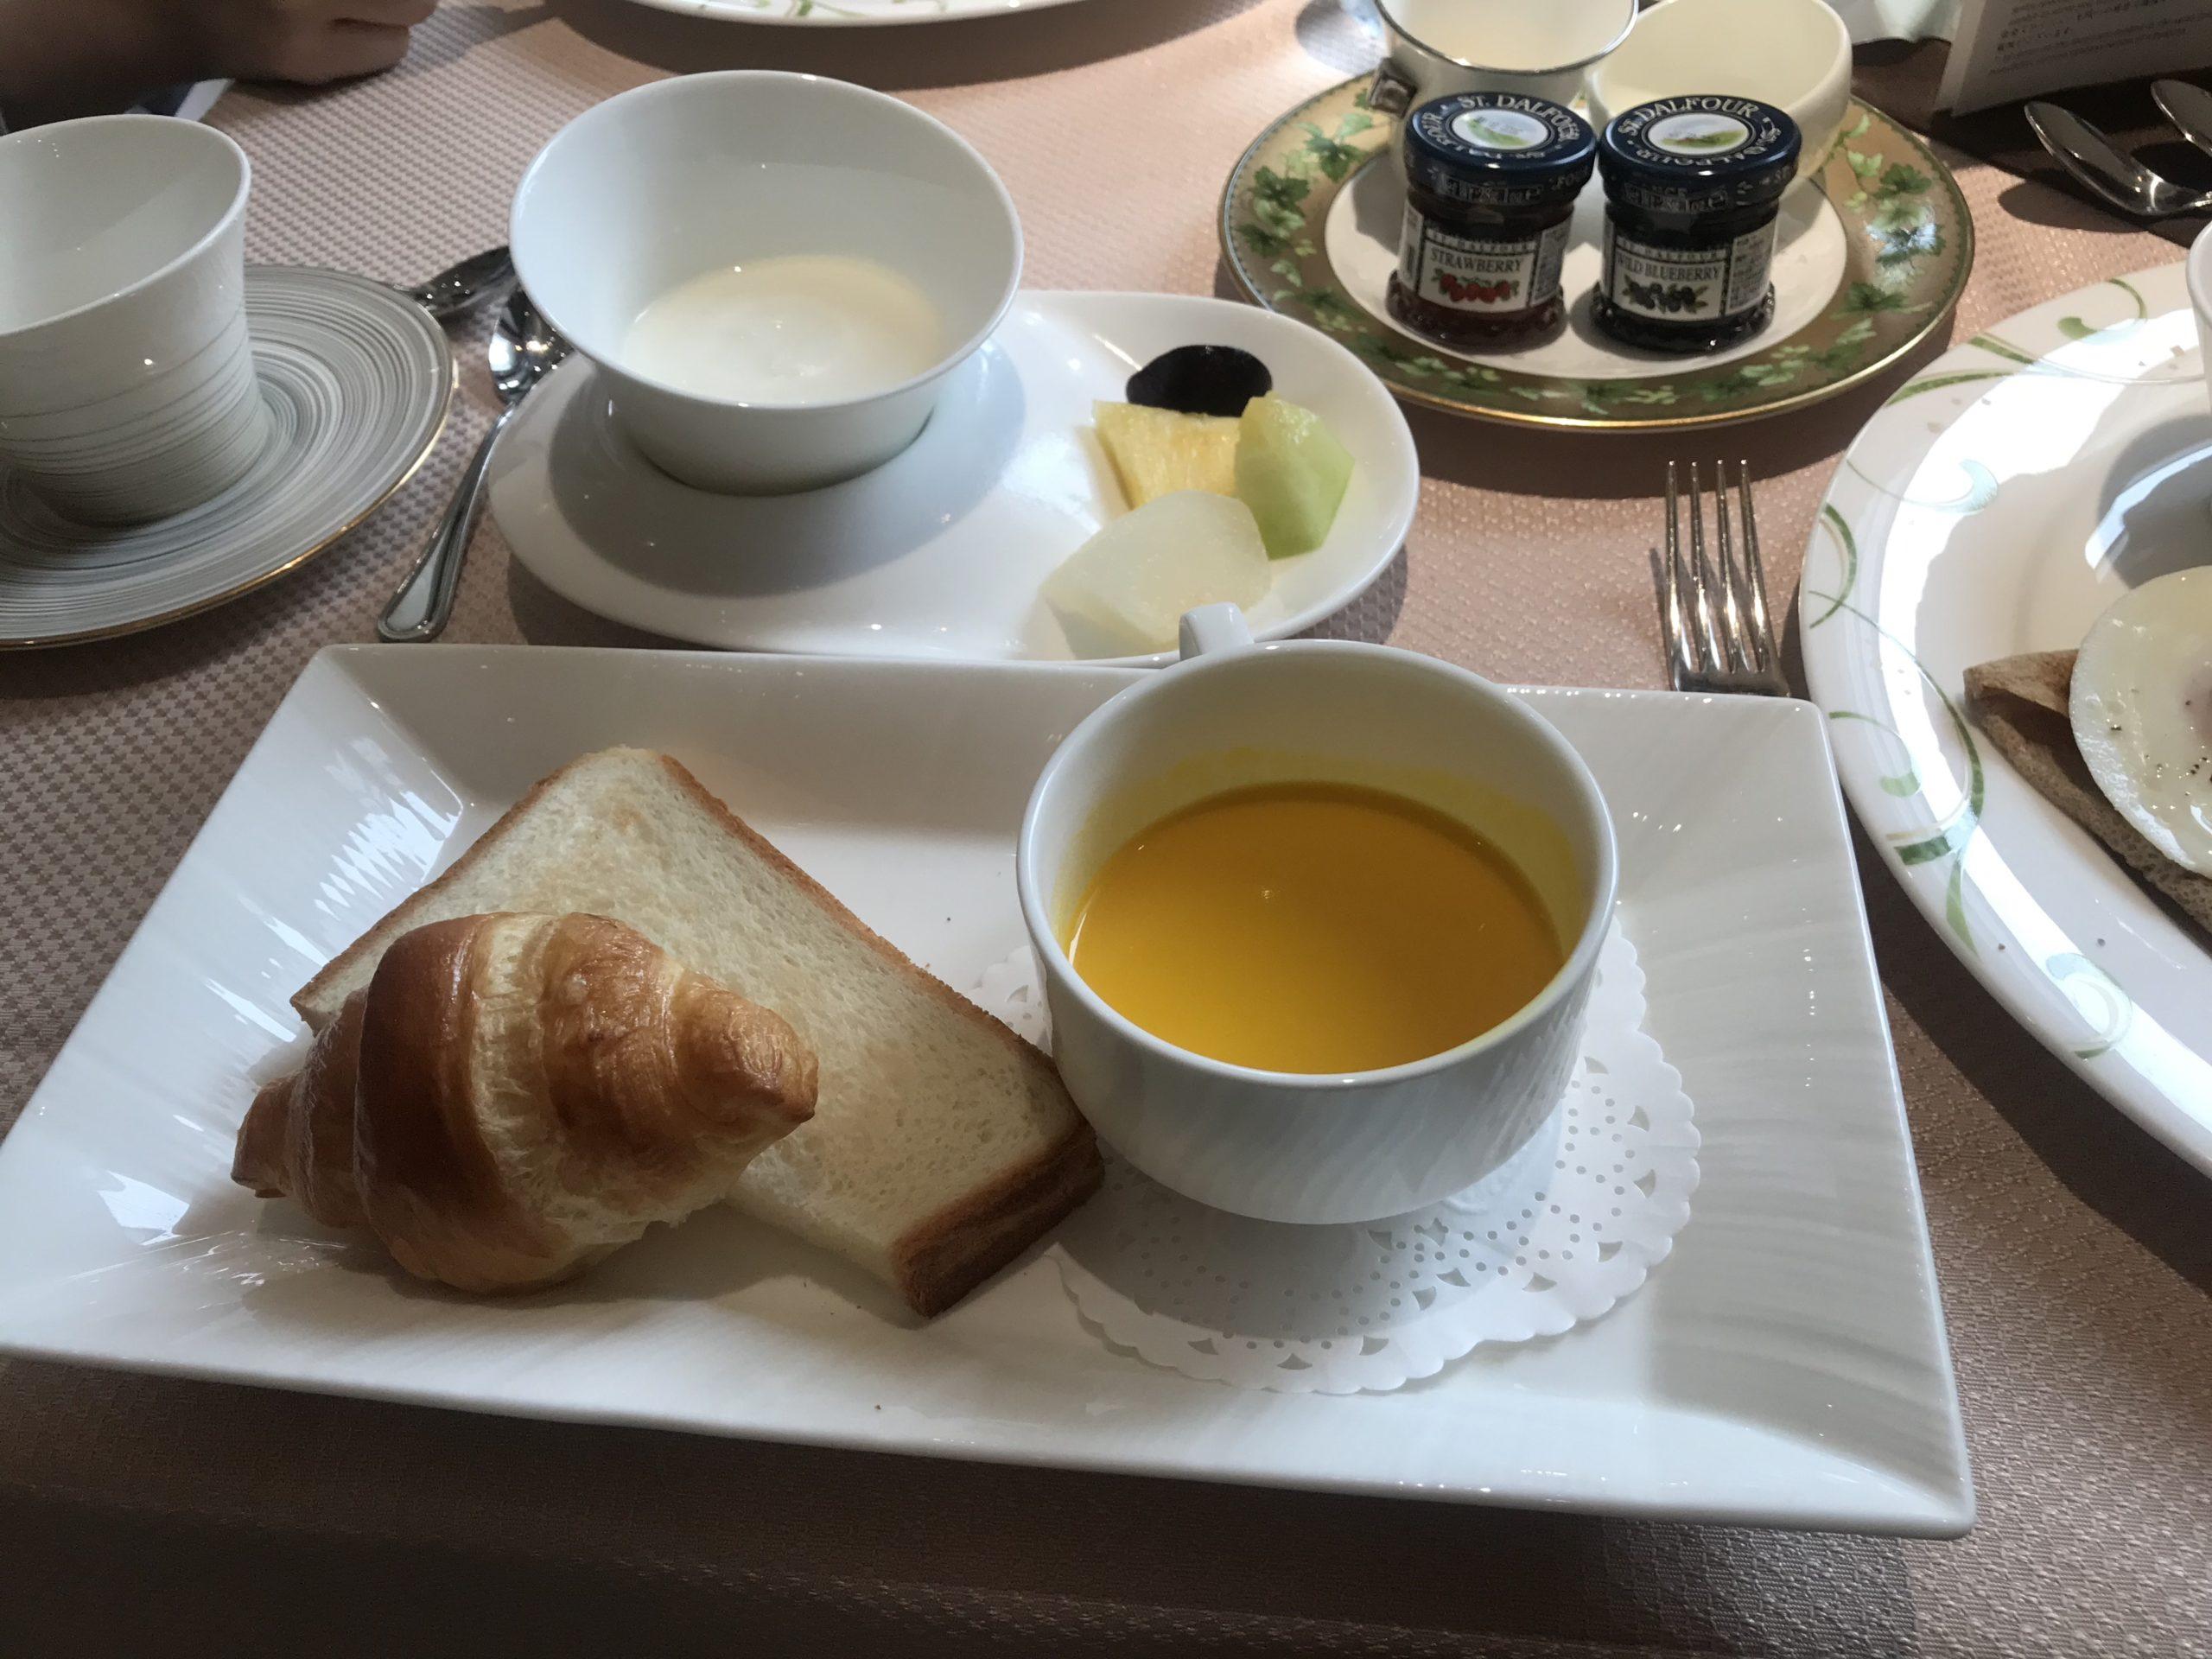 ザ・プリンス箱根芦ノ湖「ルトリアノン」朝食の様子